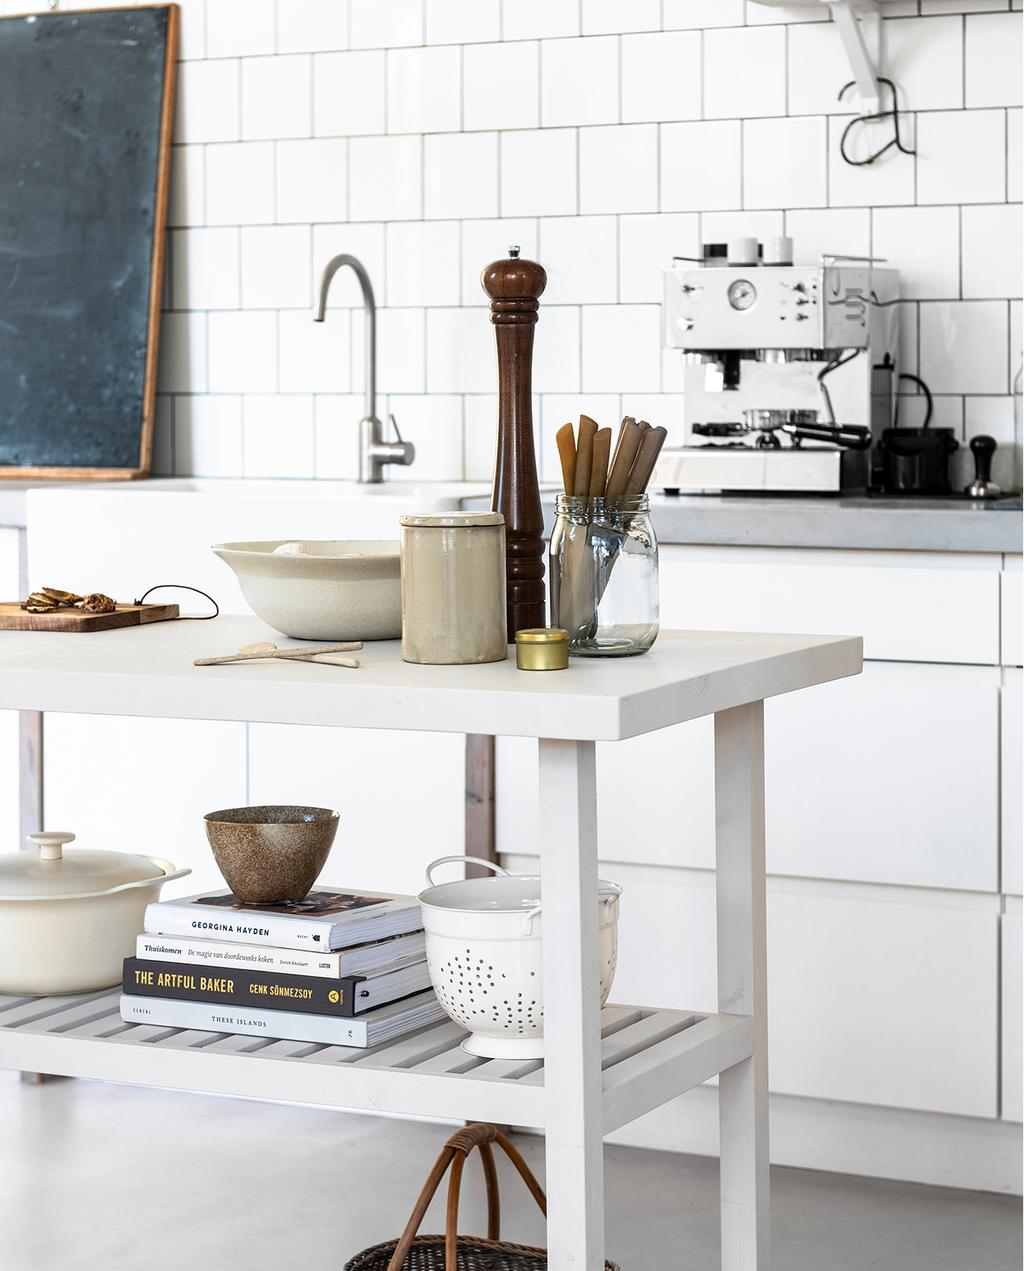 vtwonen 04-2020 | houten wit keukenmeubel gedecoreerd net keuken accessoires